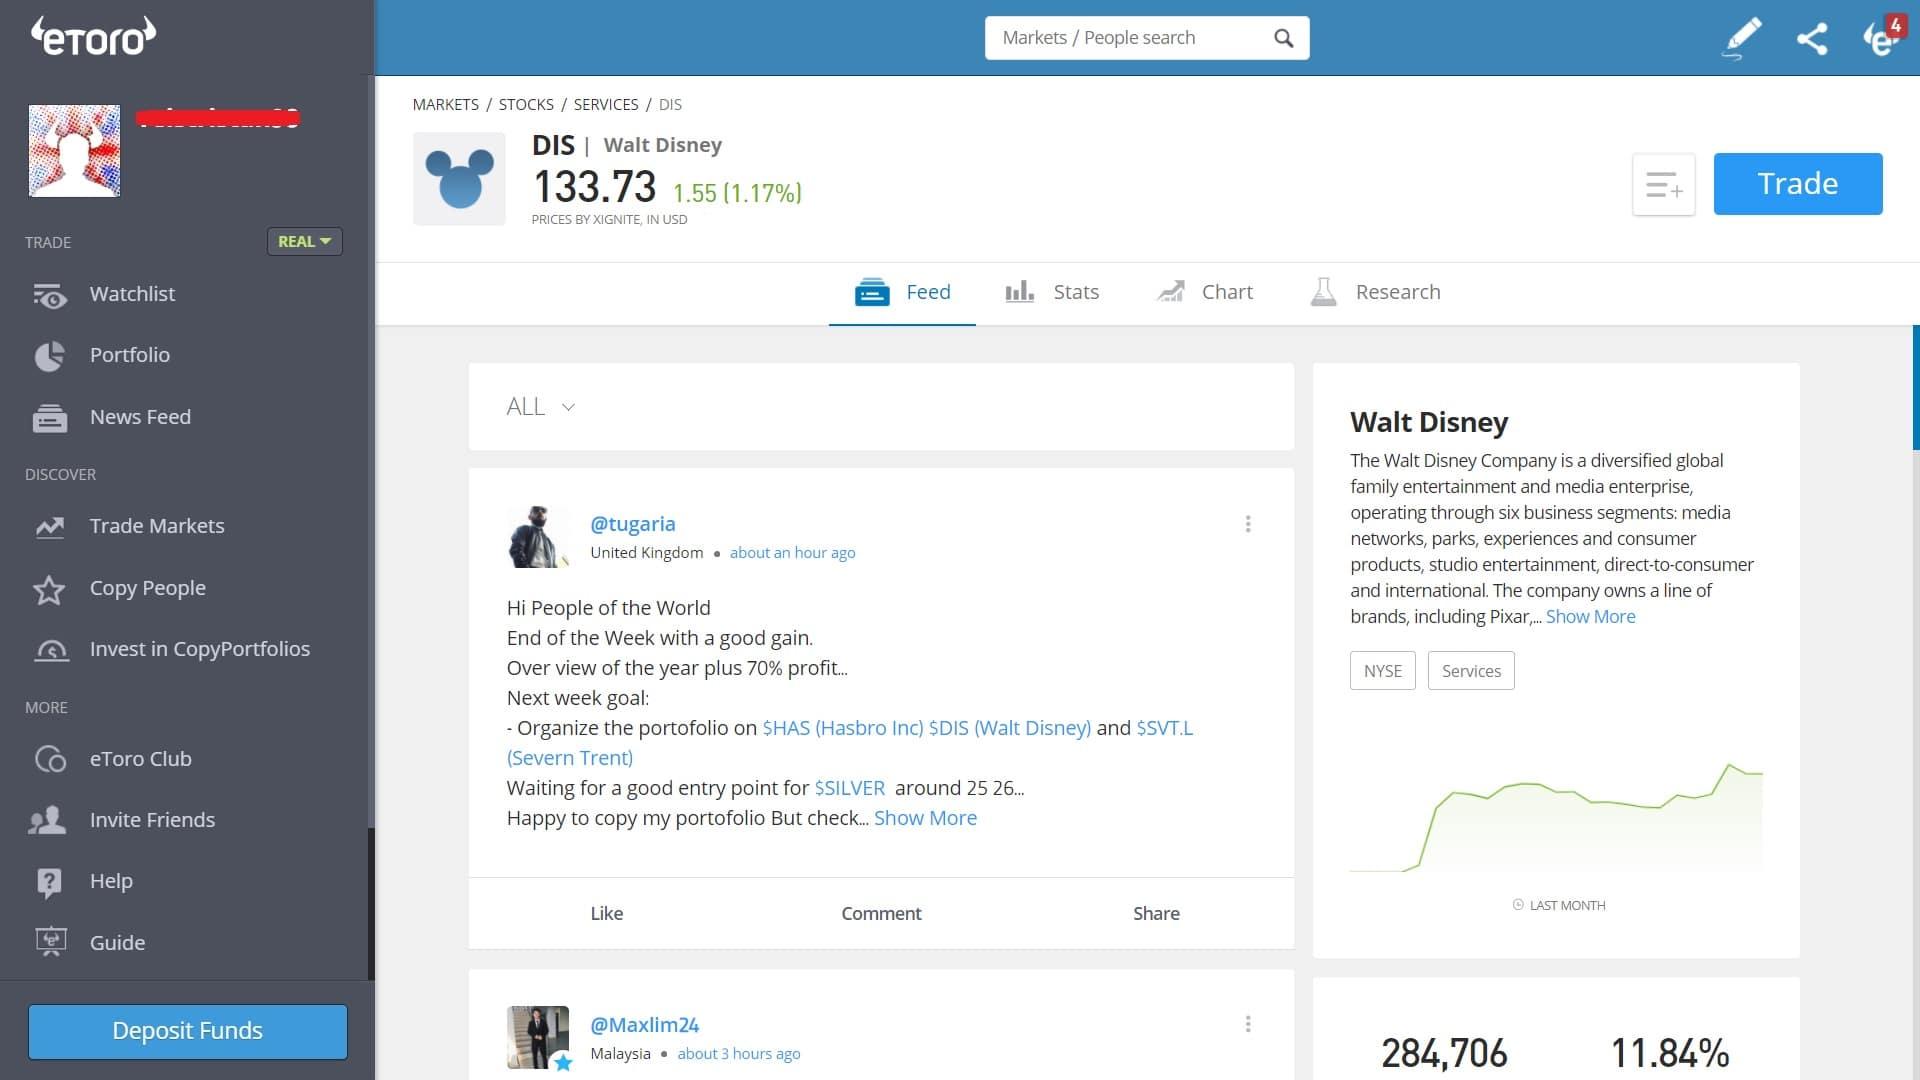 Disney stock trading on eToro's platform